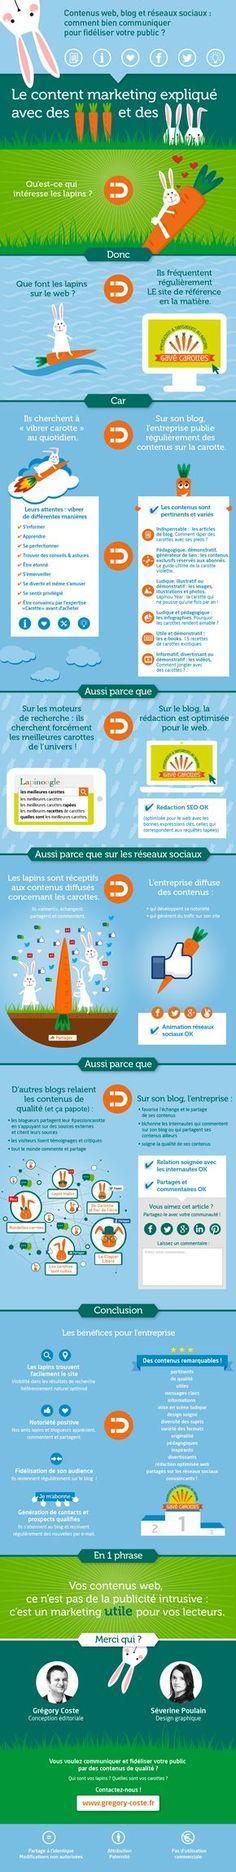 Contenus web, blog et réseaux sociaux : comment bien communiquer pour fidéliser votre public ?